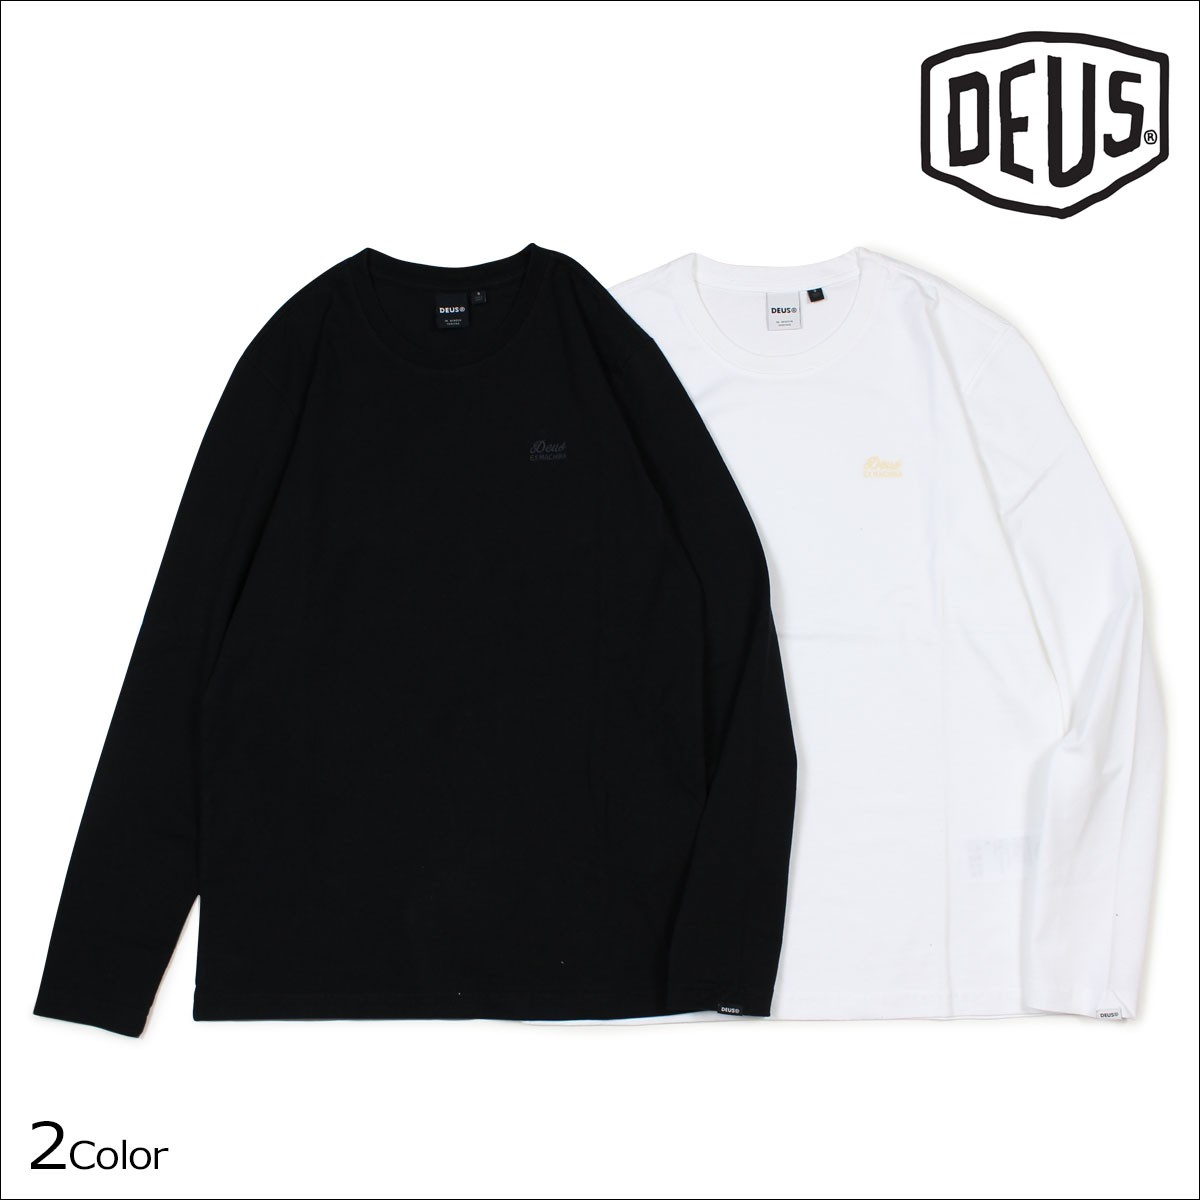 デウスエクスマキナ Deus ex Machina Tシャツ 長袖 メンズ カットソー ロンティー ロンT STANDARD LS EMBROIDERED TEE ブラック ホワイト